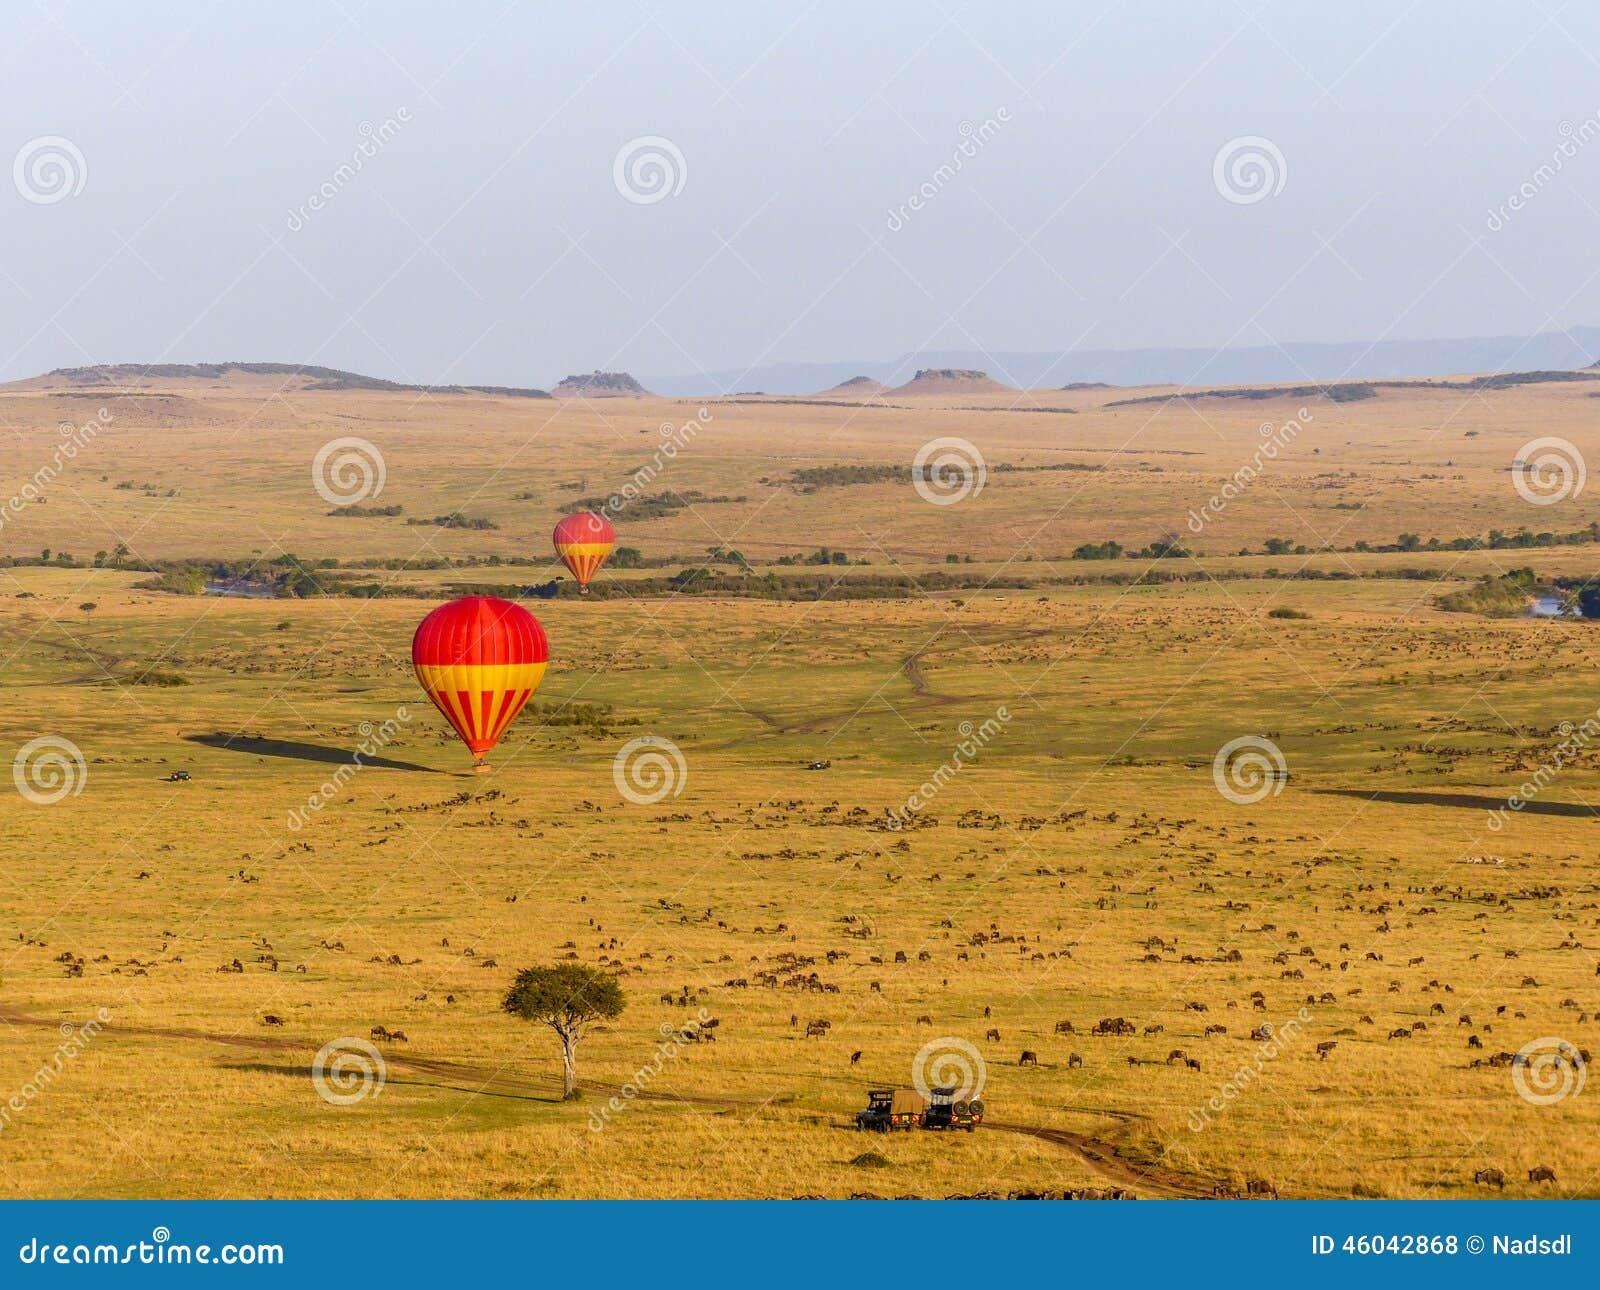 Hot air balloons over the Masai Mara